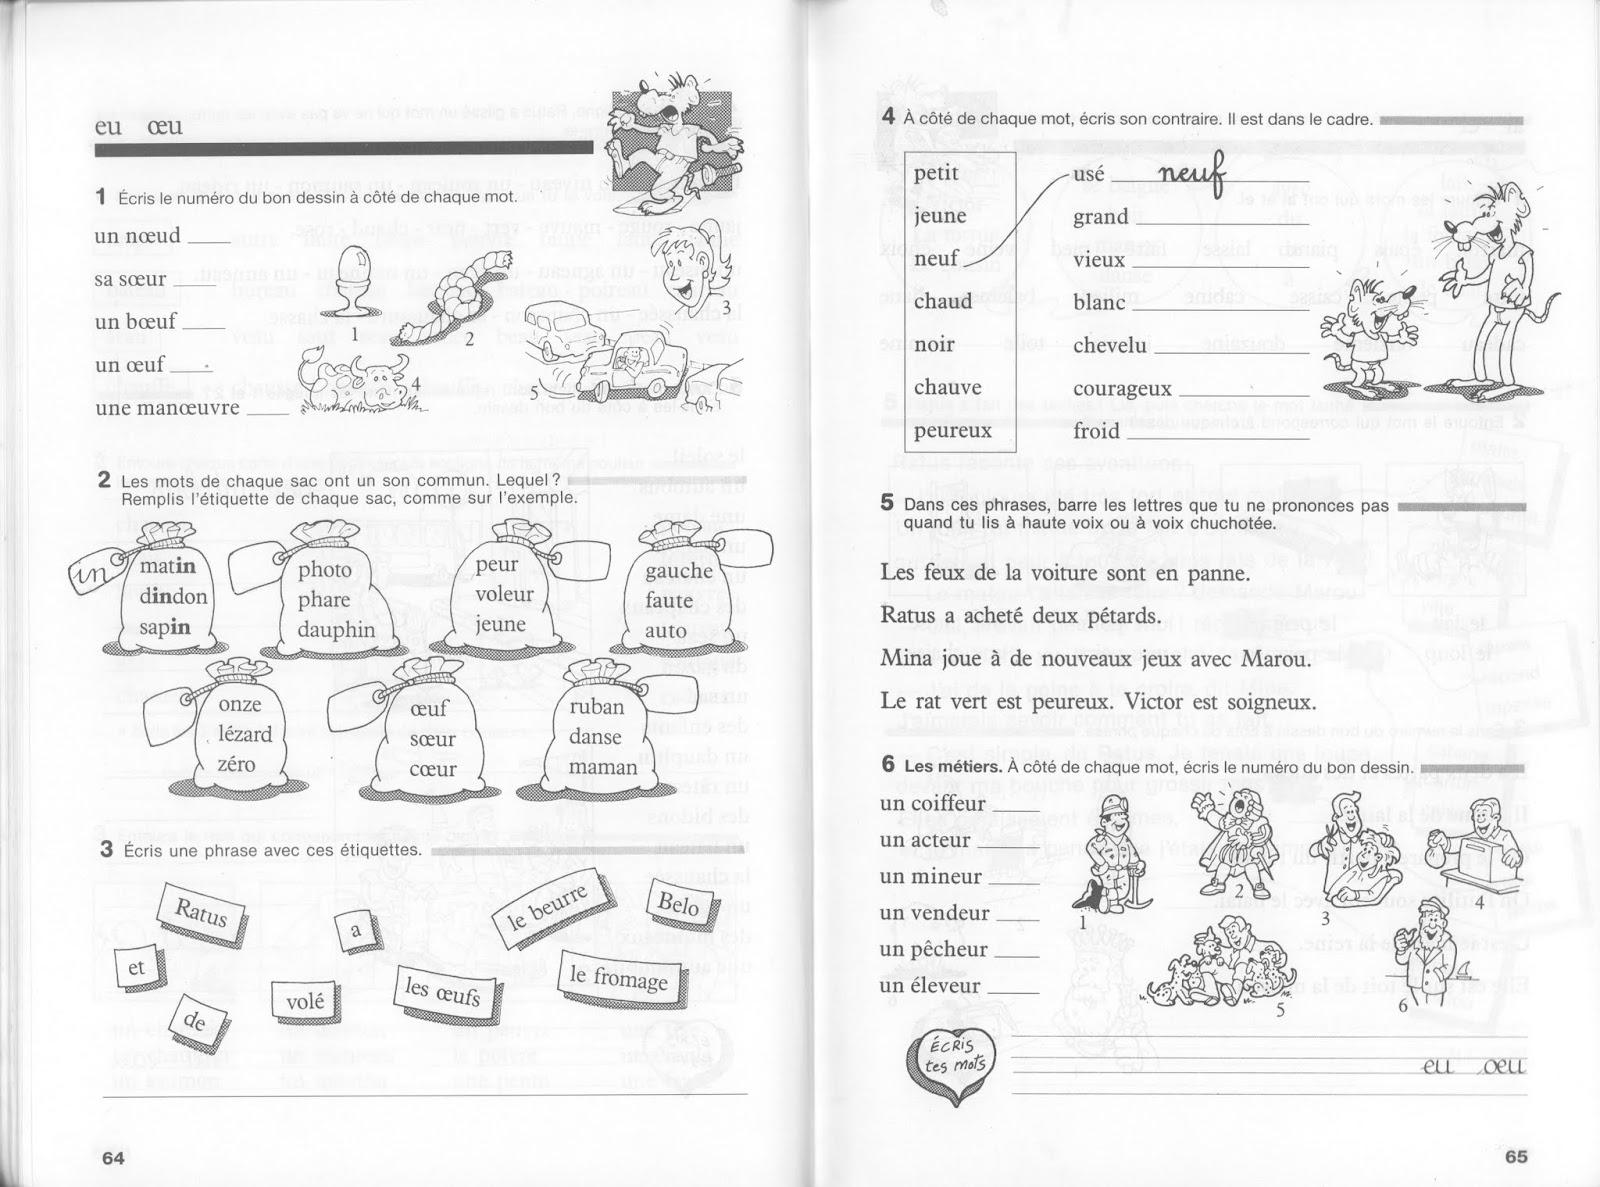 Exceptionnel Manuels anciens: Guion, Ratus et ses amis CP, cahier de lecture  LD16